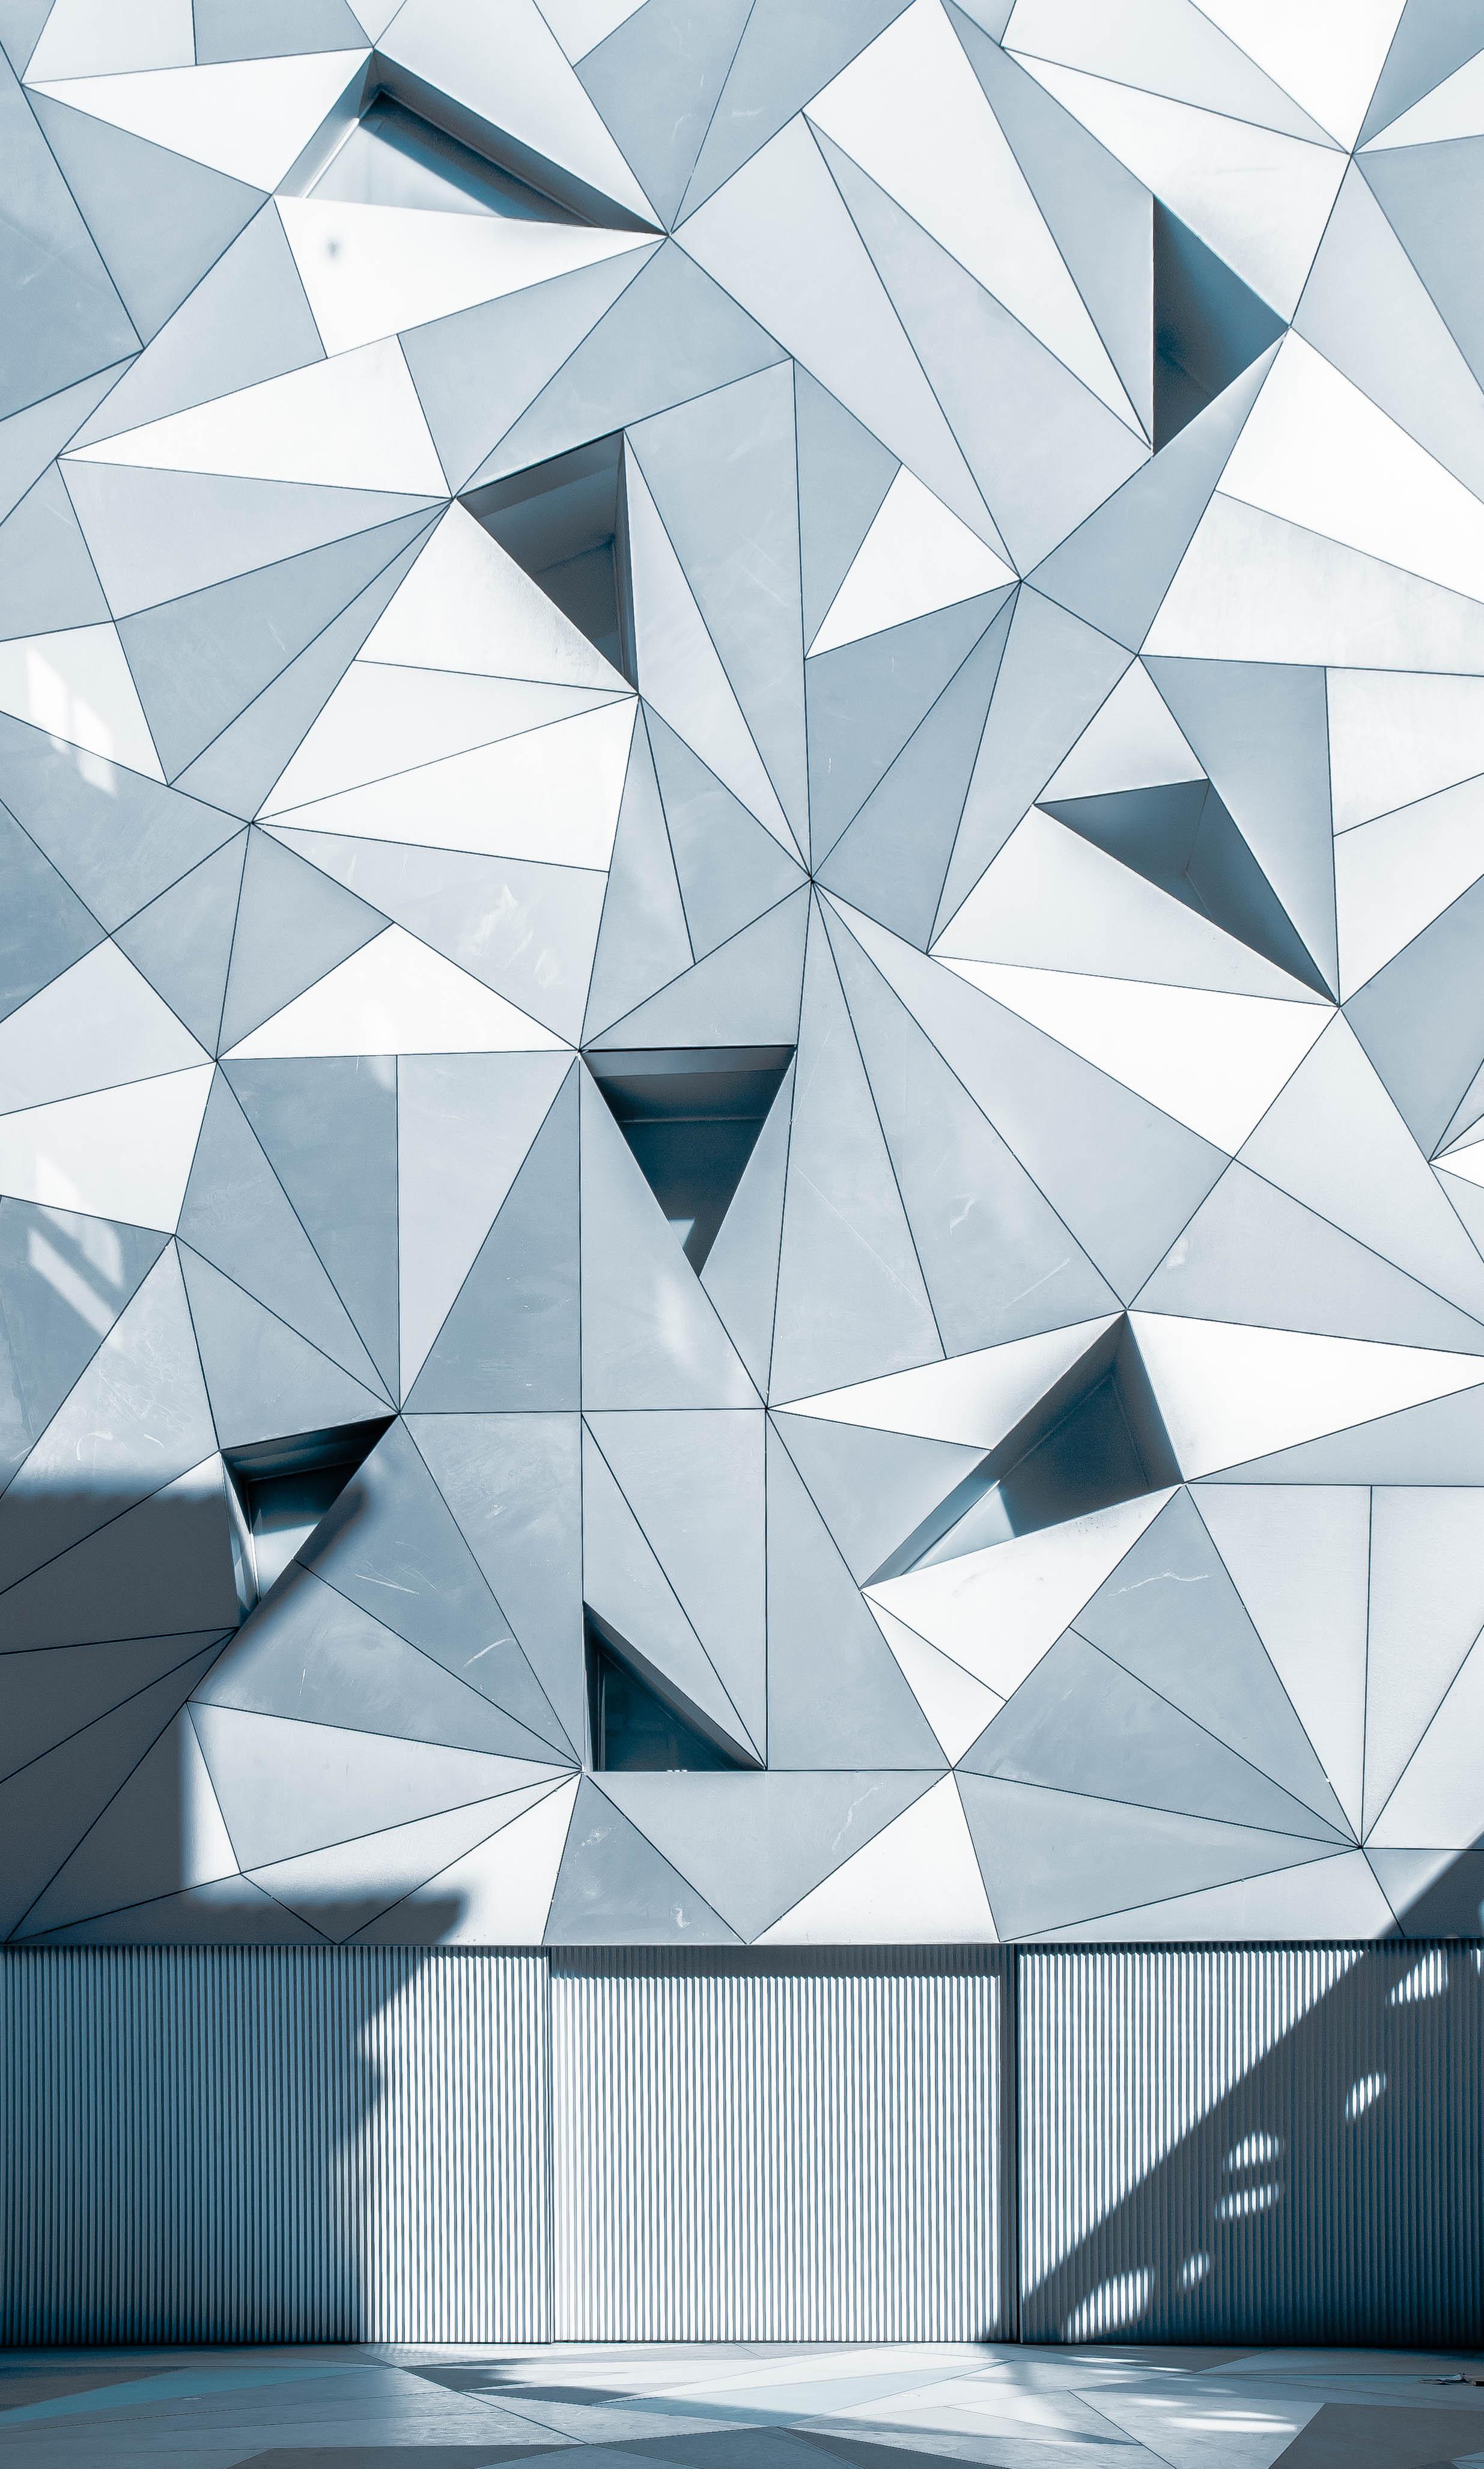 gambar : hitam dan putih, arsitektur, pola, garis, geometris